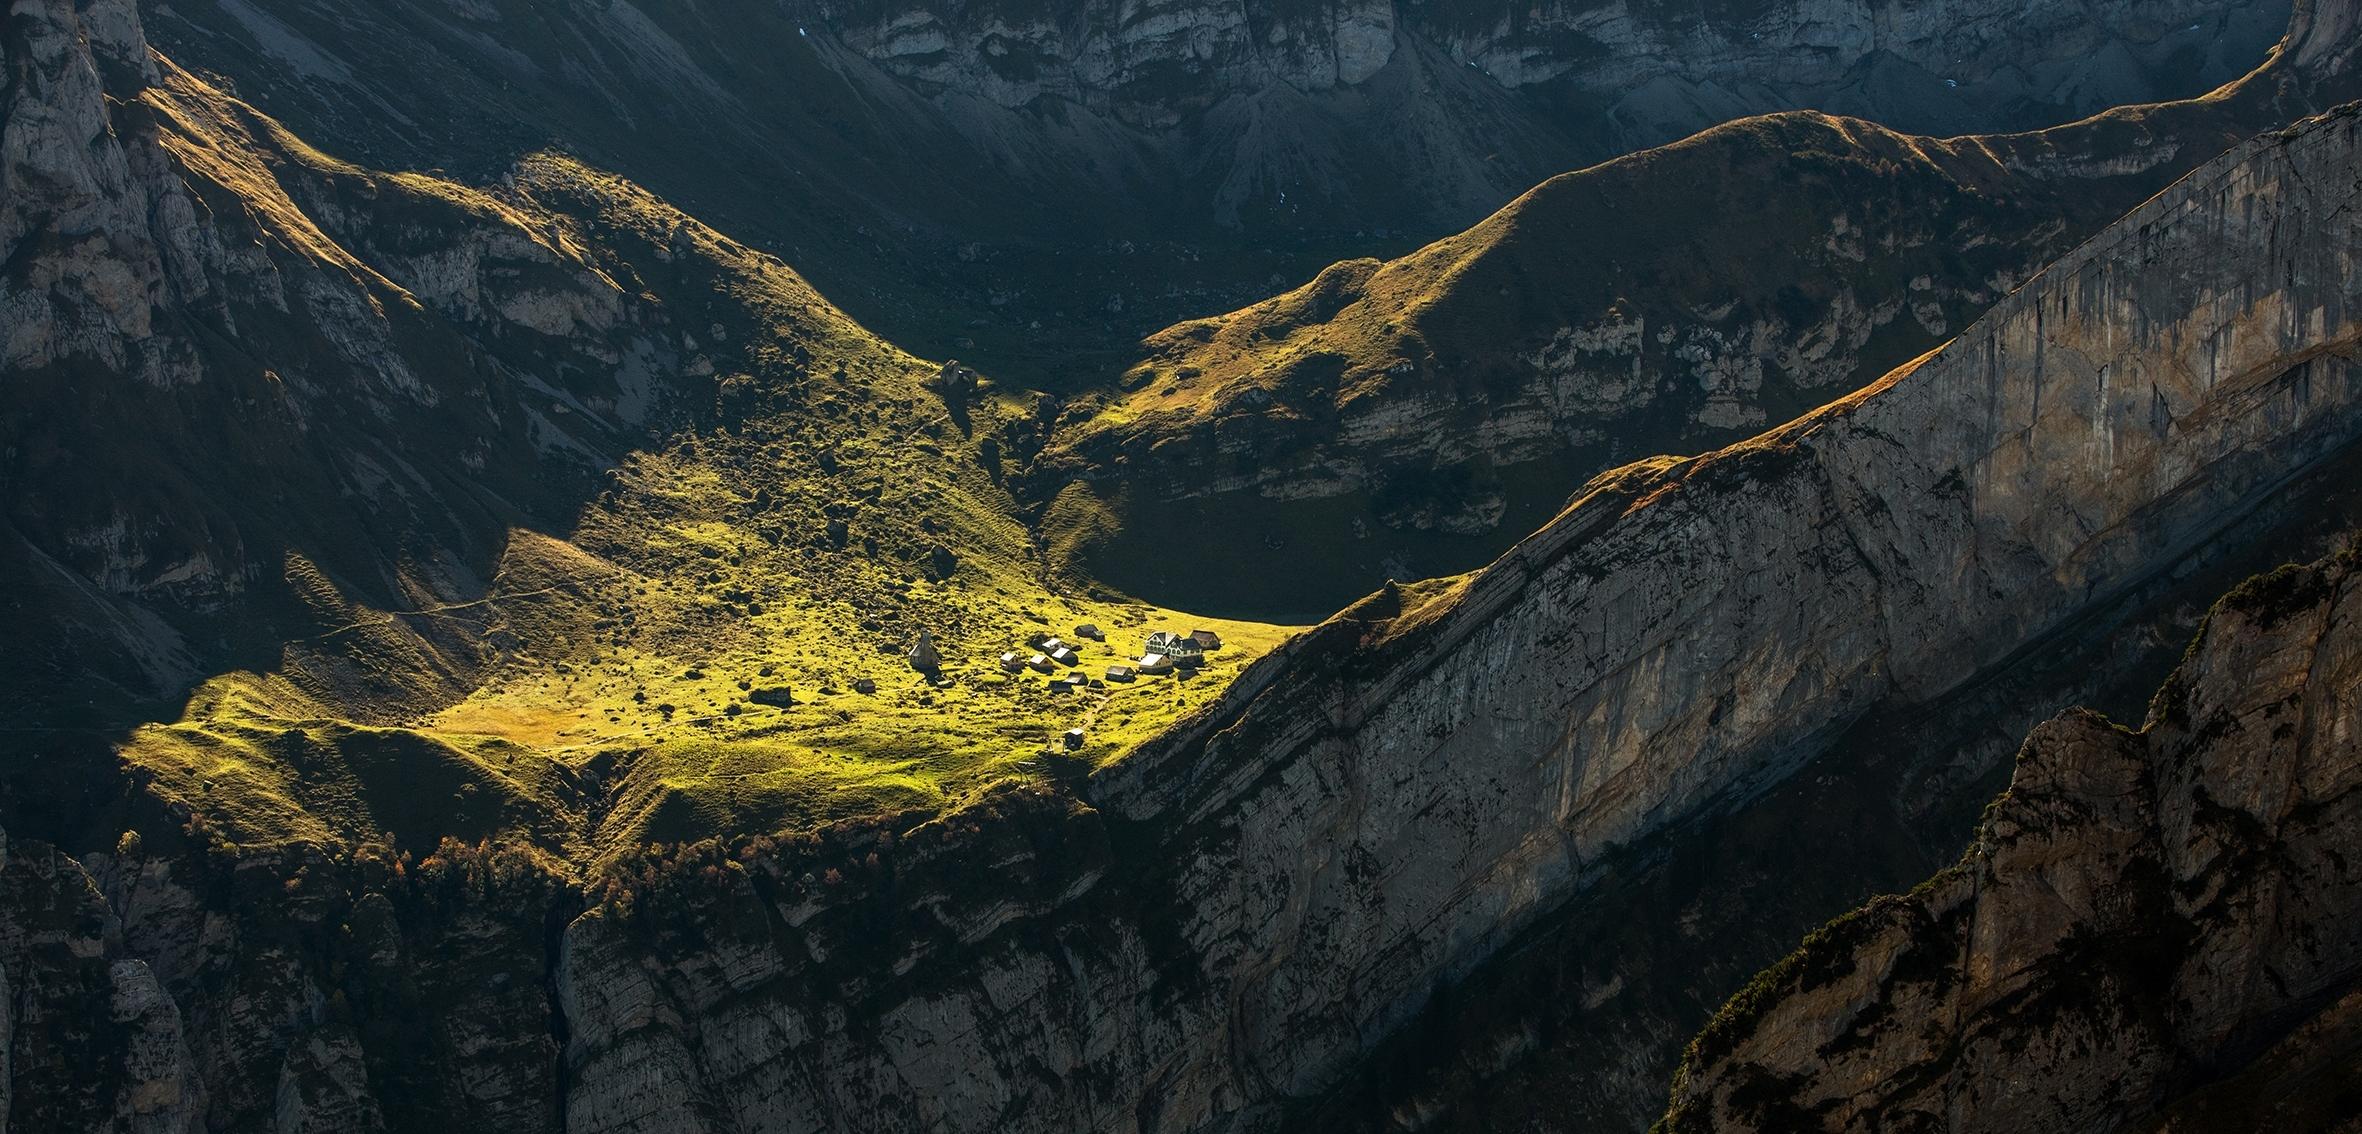 Wildschmaus im Berggasthaus Meglisalp